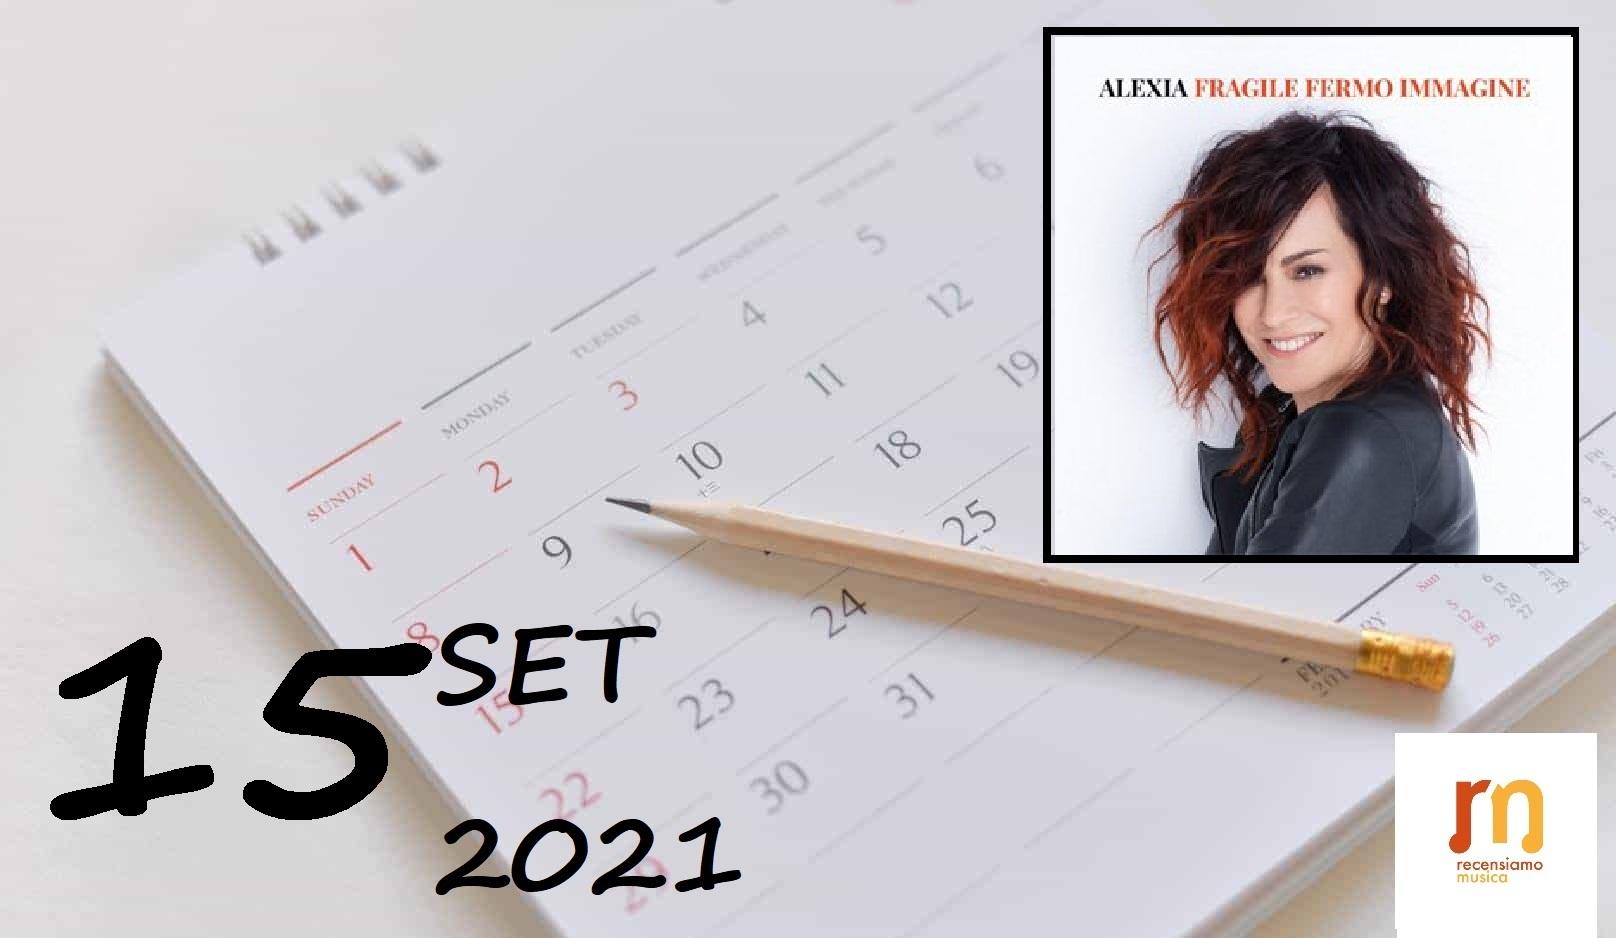 15 settembre